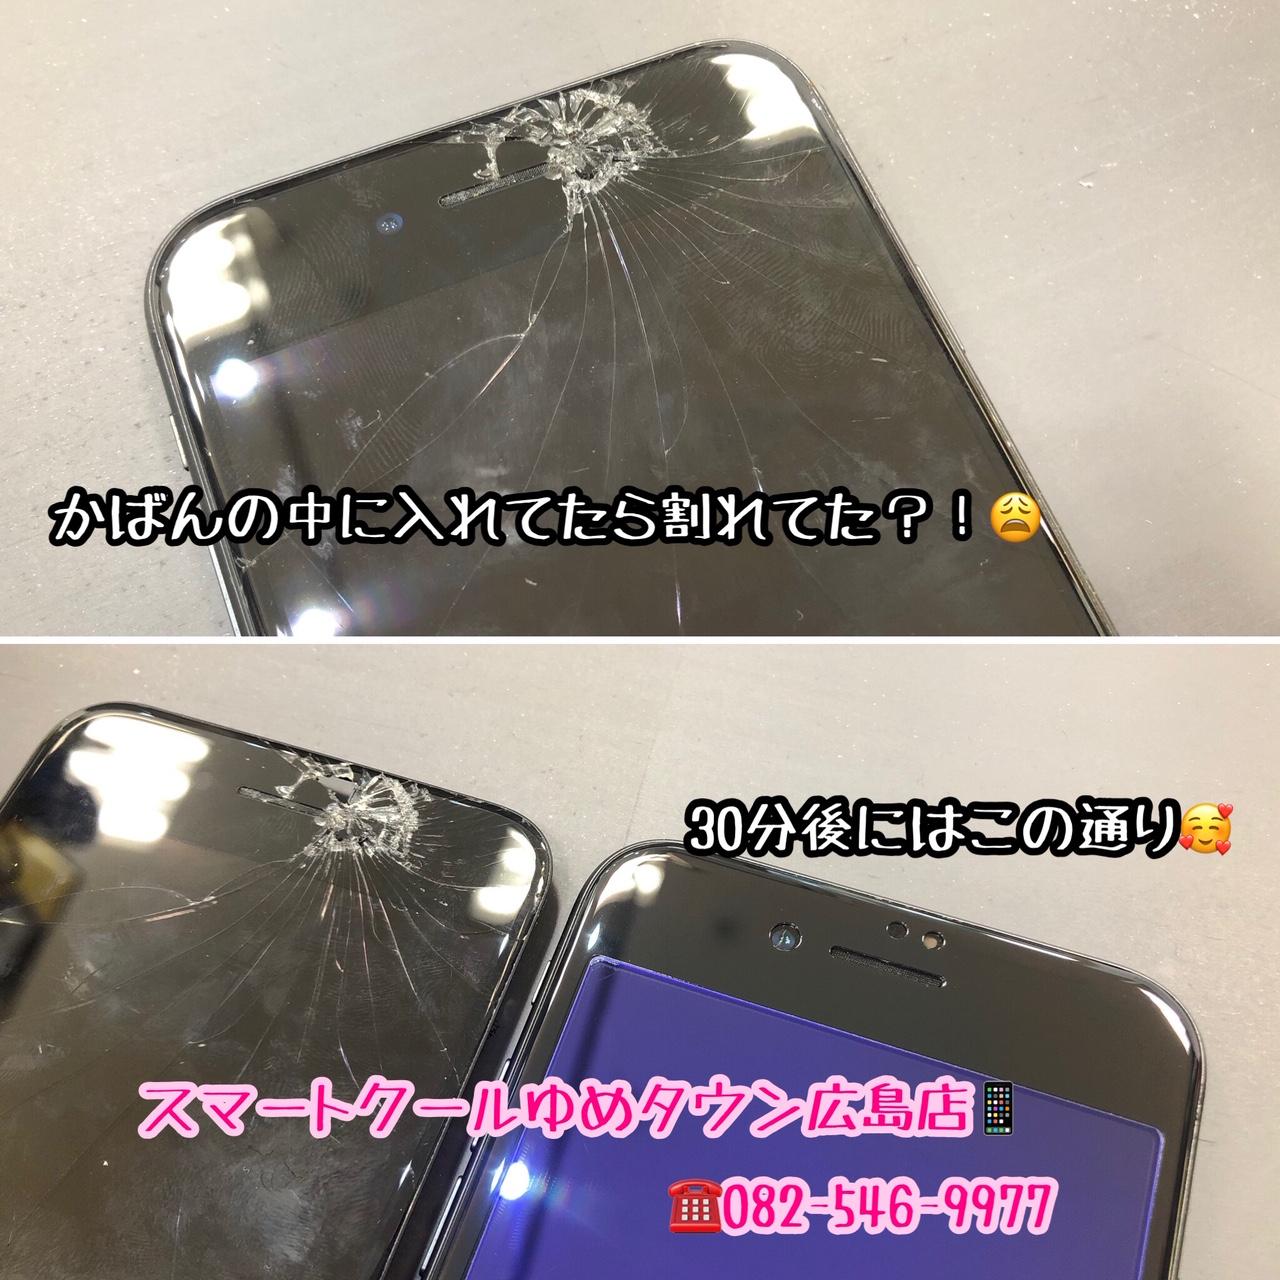 【広島IPHONE当日修理最短30分】アイフォンの画面が割れるのは落とした時だけではありません(´Д⊂ヽ